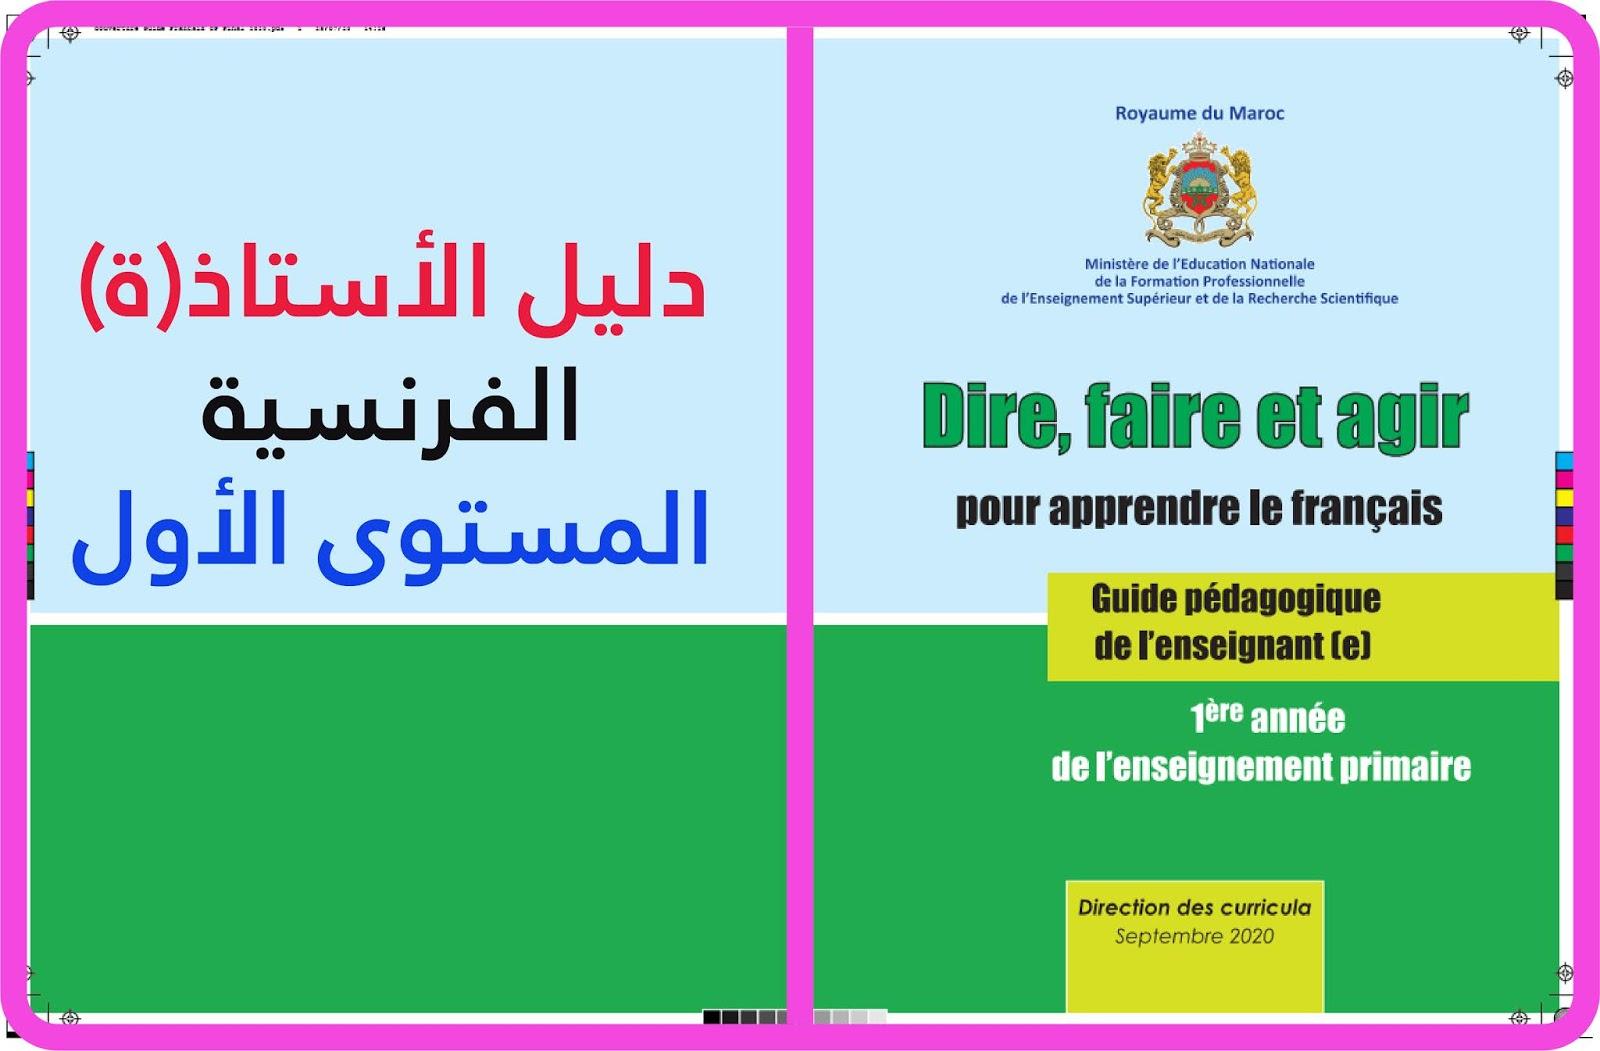 دليل الأستاذ للفرنسية المستوى الأول الطبعة الجديدة 2020/2021